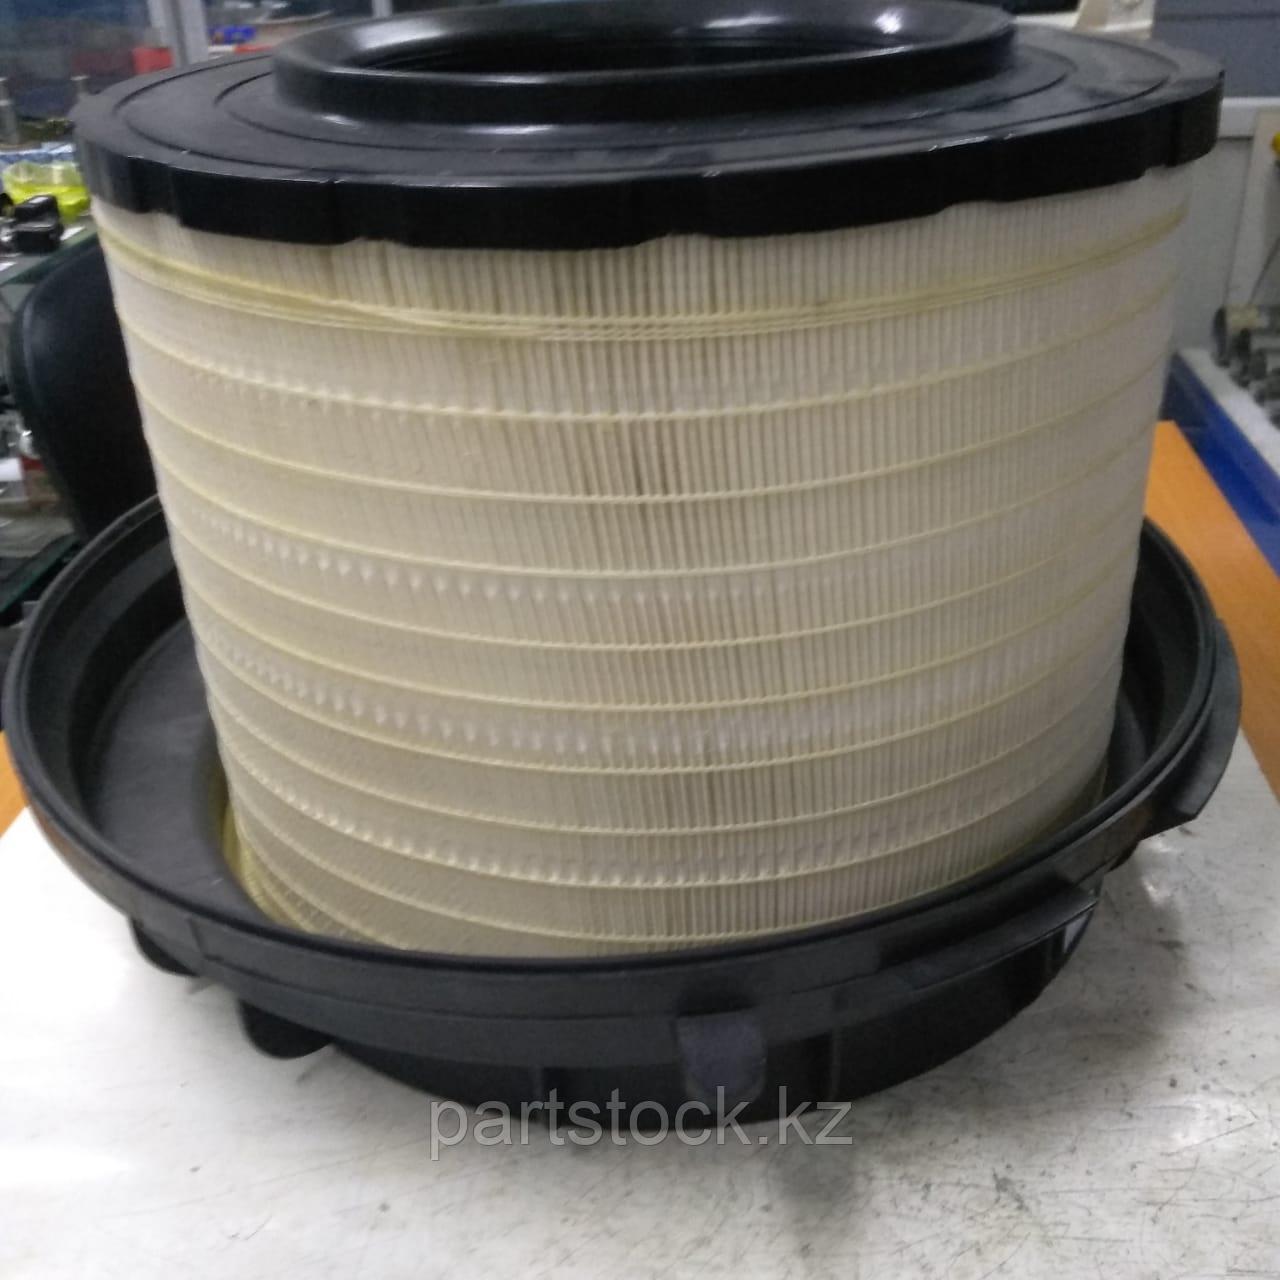 Фильтр воздушный тягач  на / для MERCEDES, МЕРСЕДЕС, SAMPIYON CR0099L